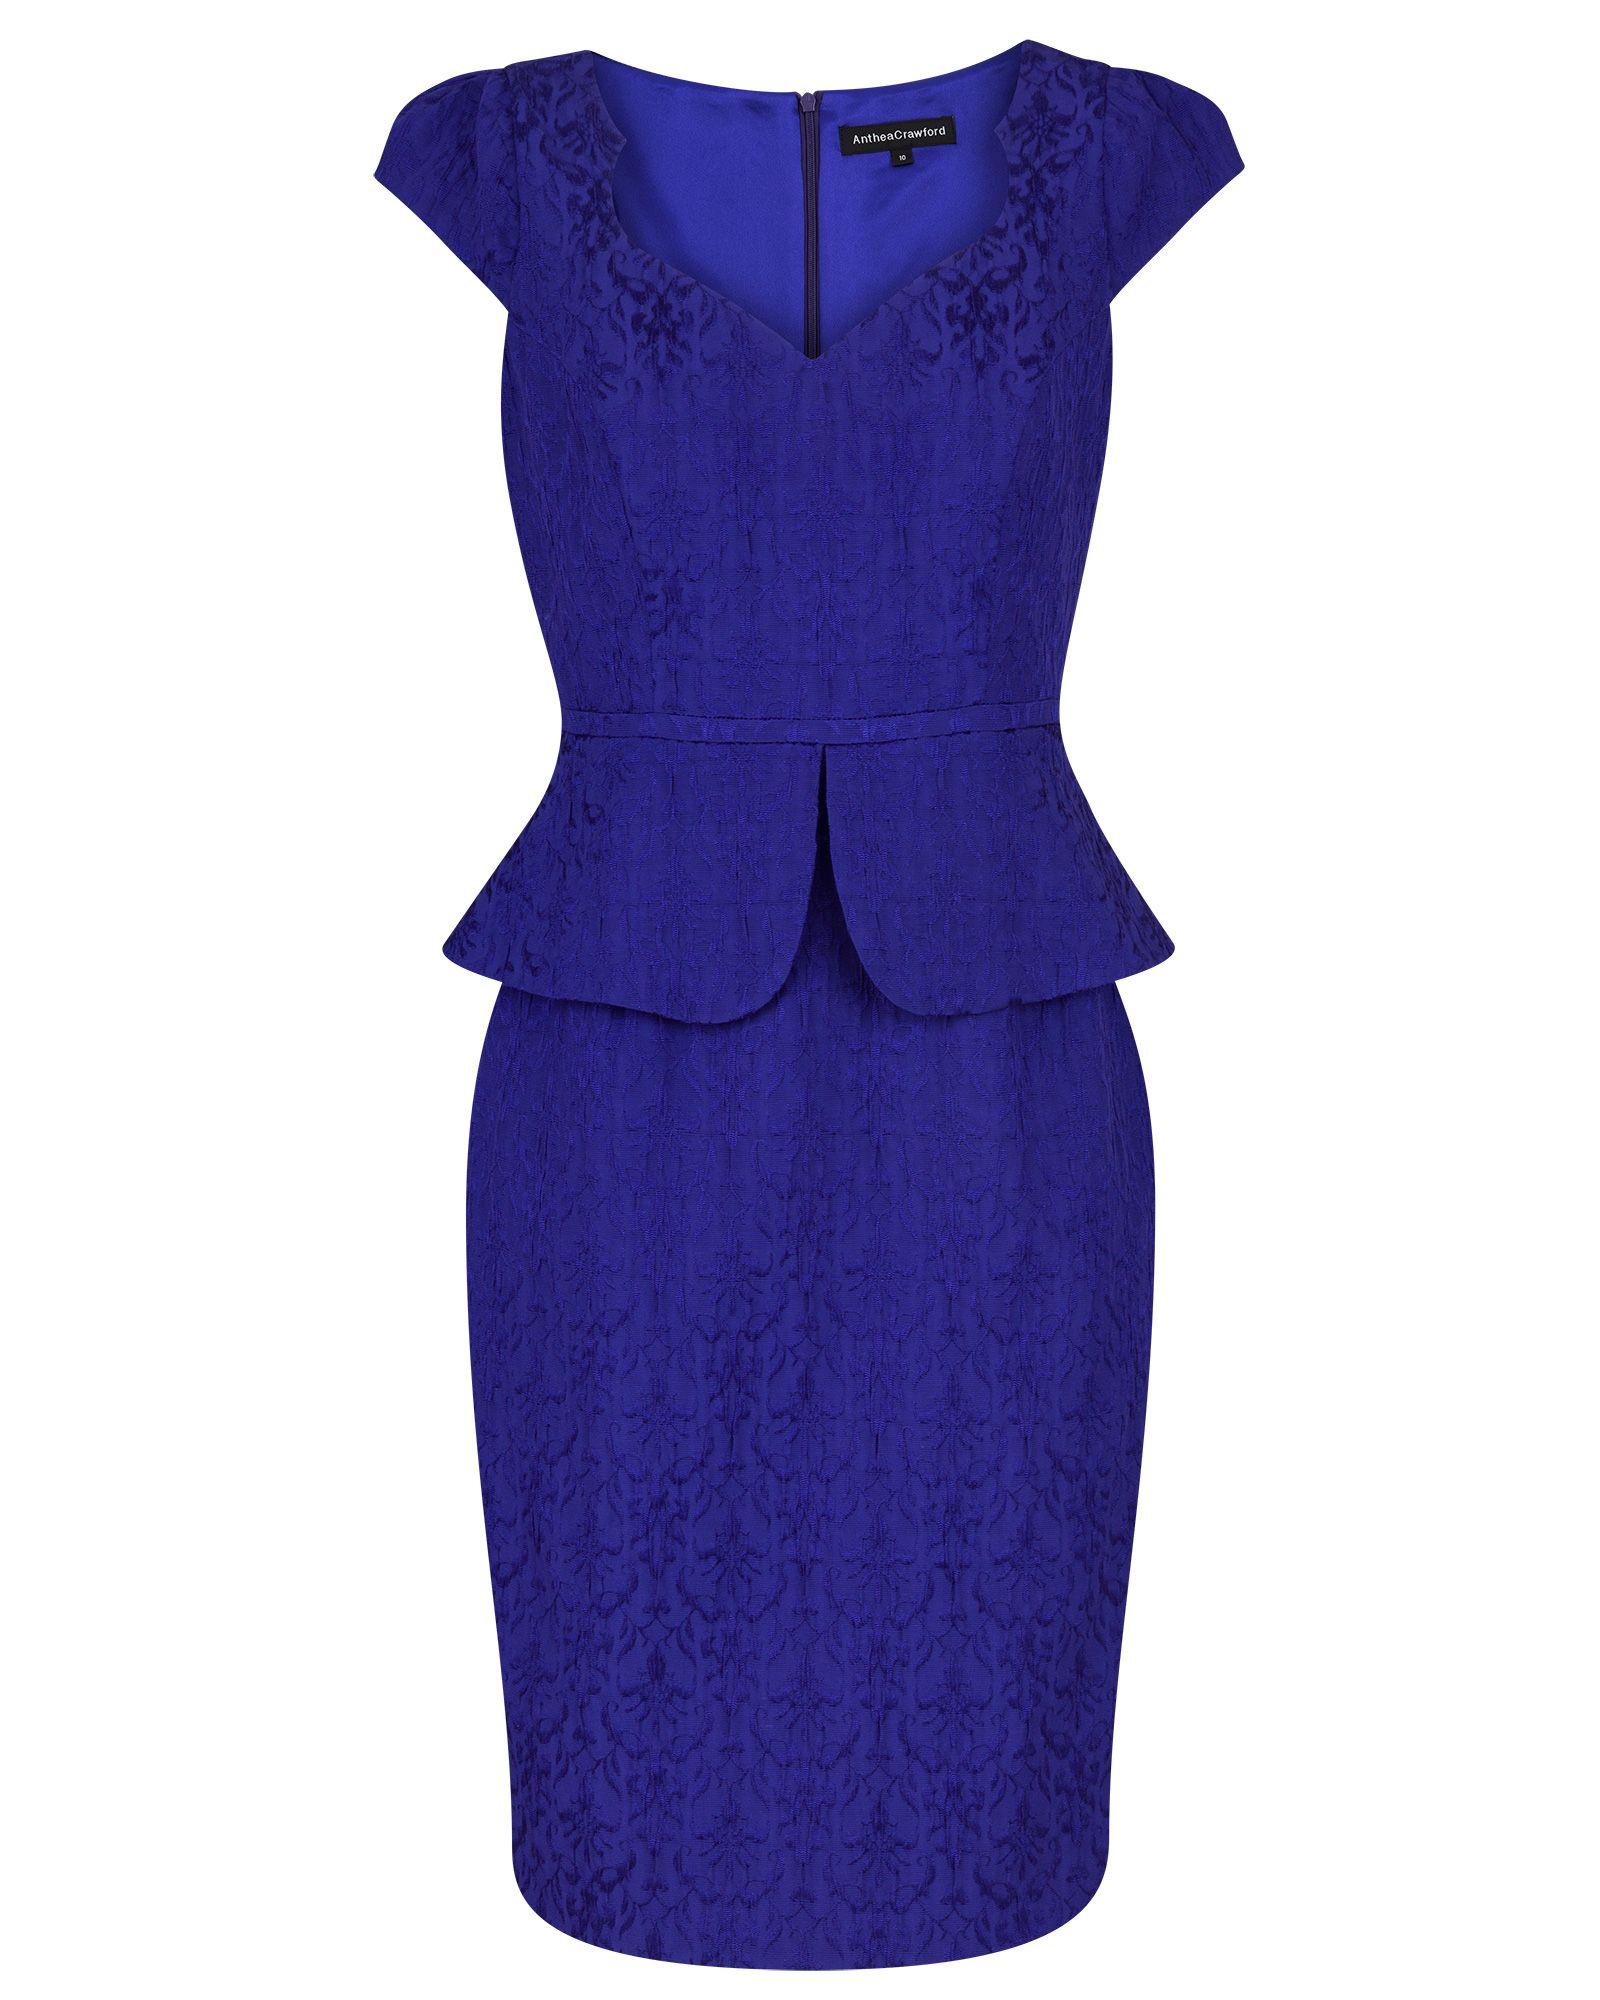 Blueberry Textured Jacquard Peplum Dress | Wedding ideas | Pinterest